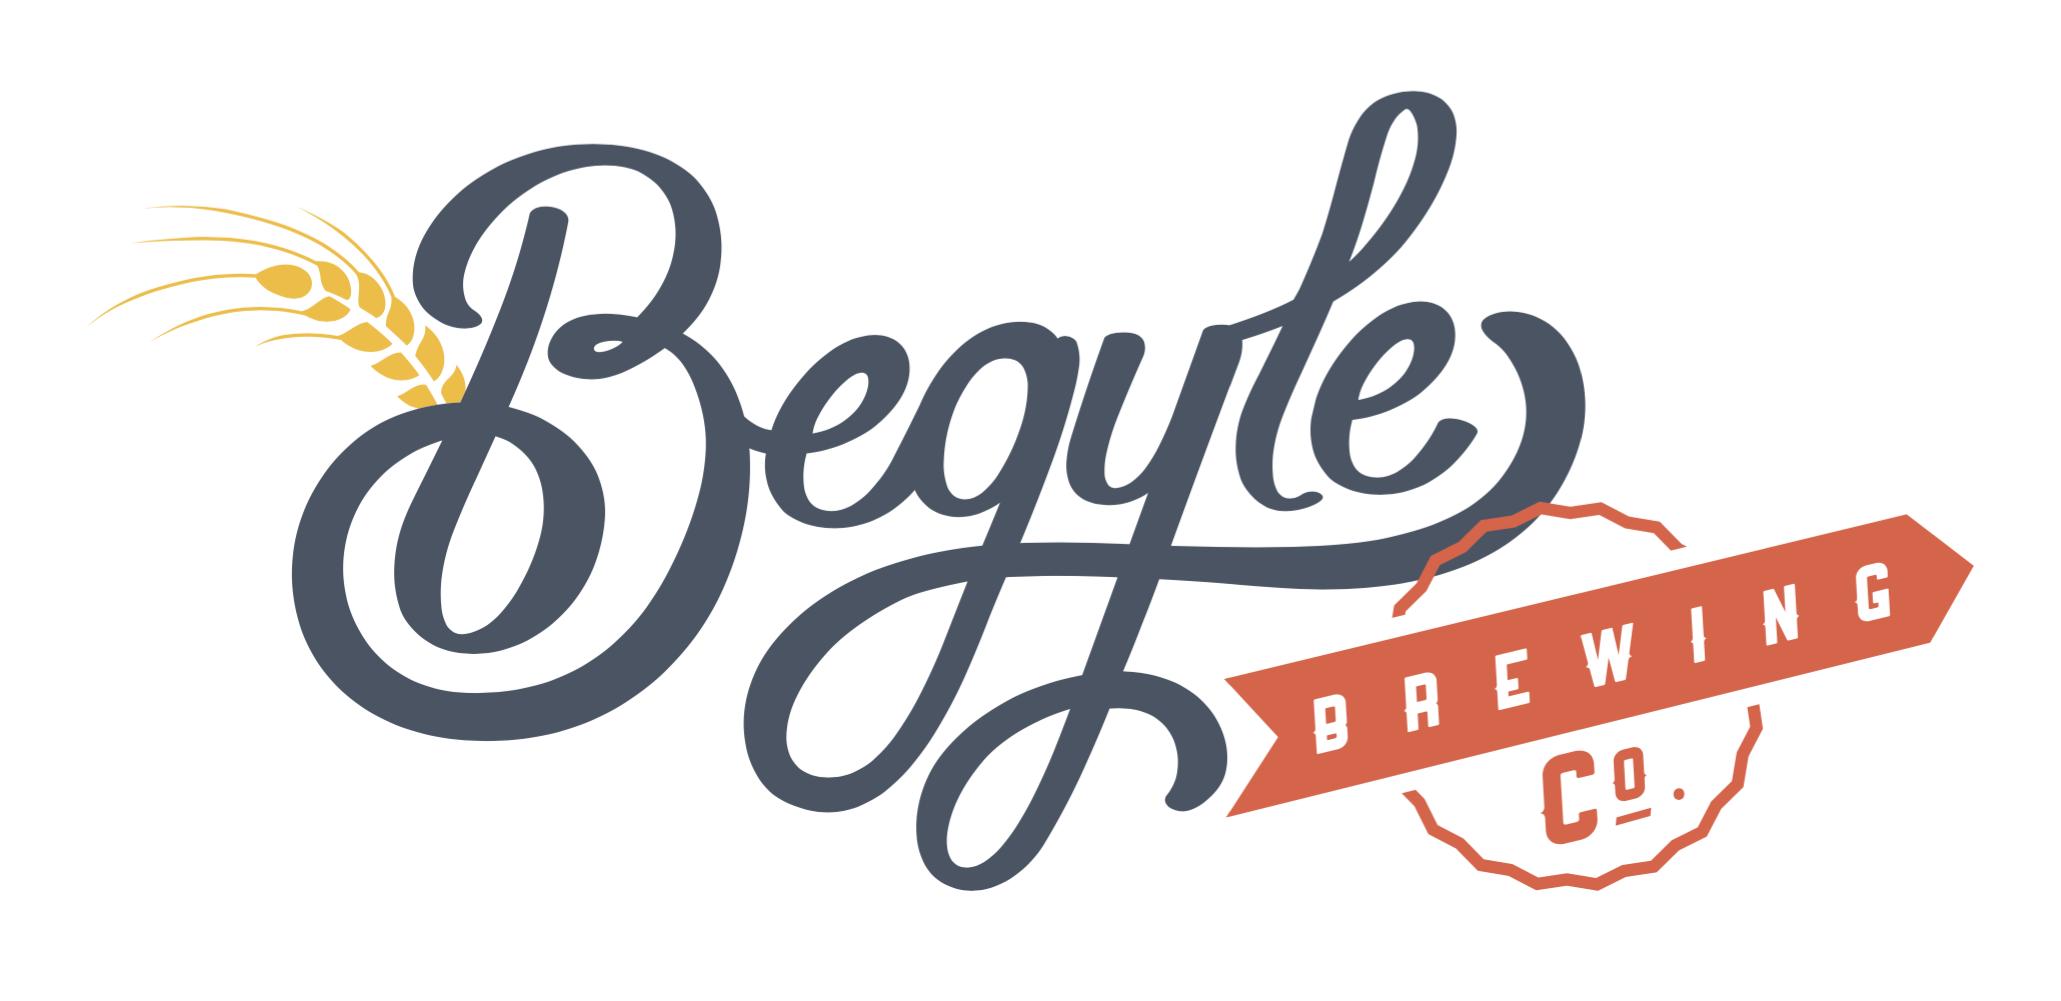 beglye_logo copy.png